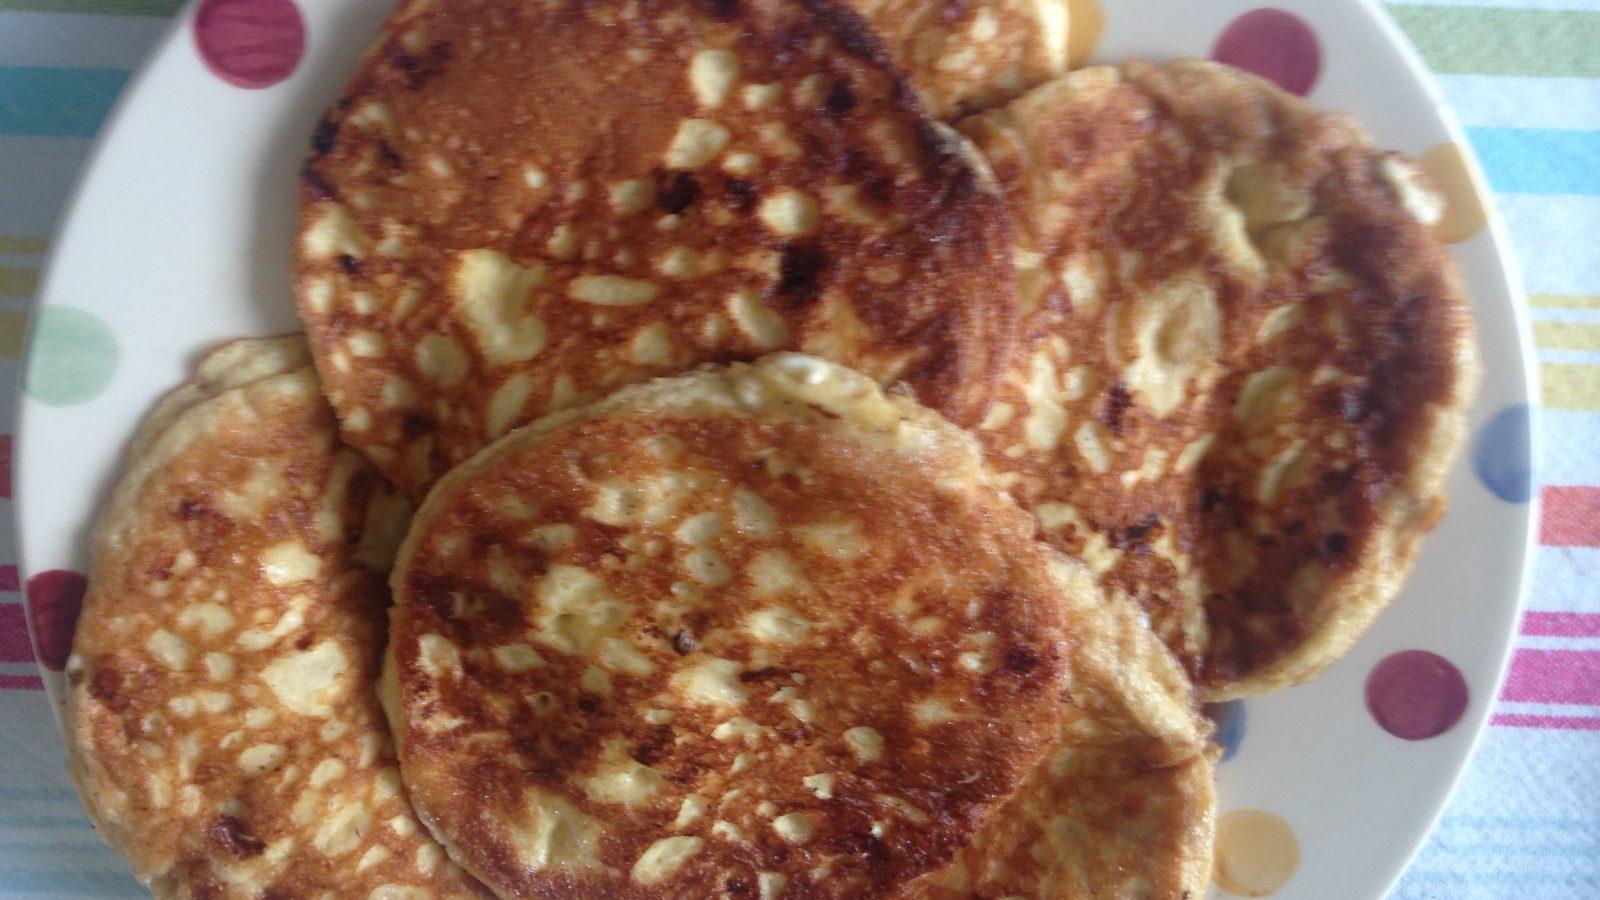 Een bord vol met keto pannenkoeken! Smullen maar!